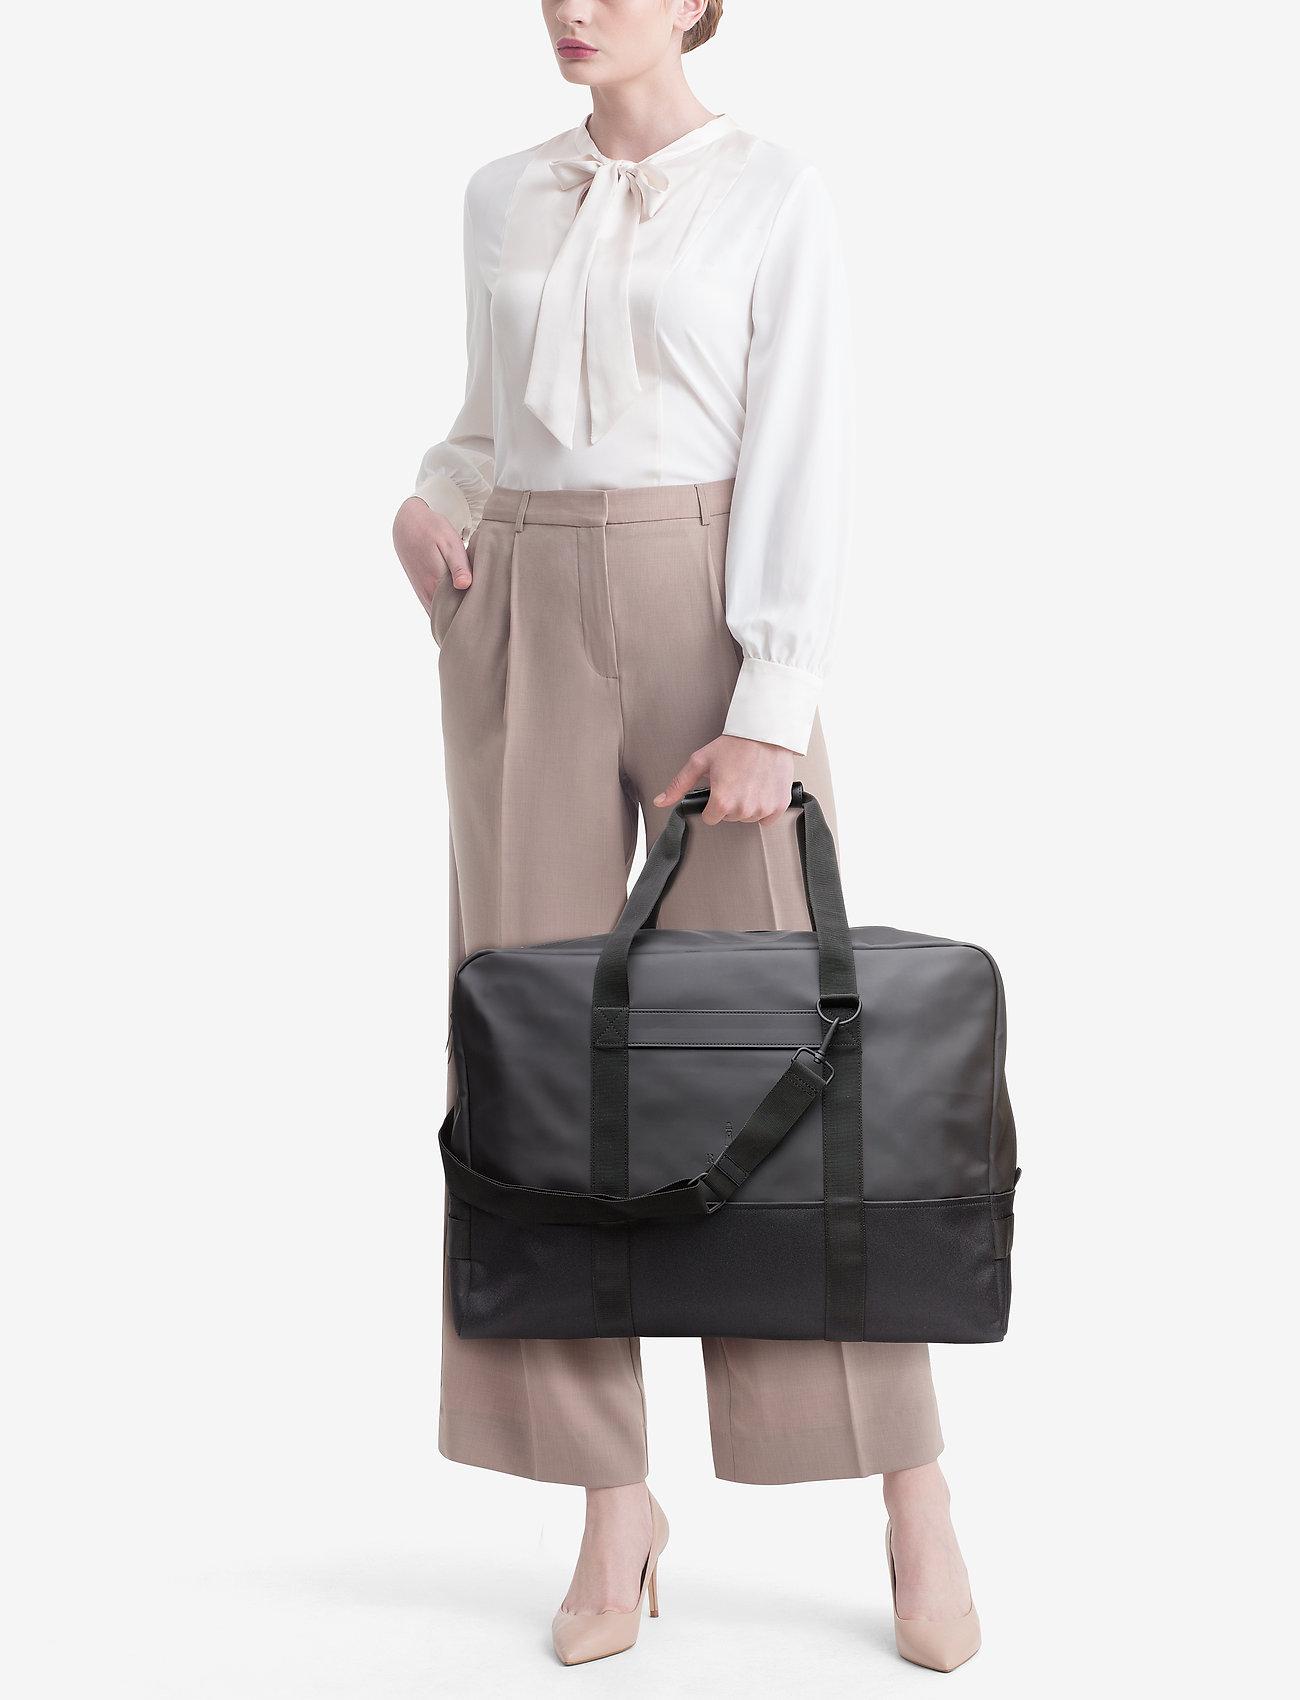 Rains Luggage Bag - 01 BLACK